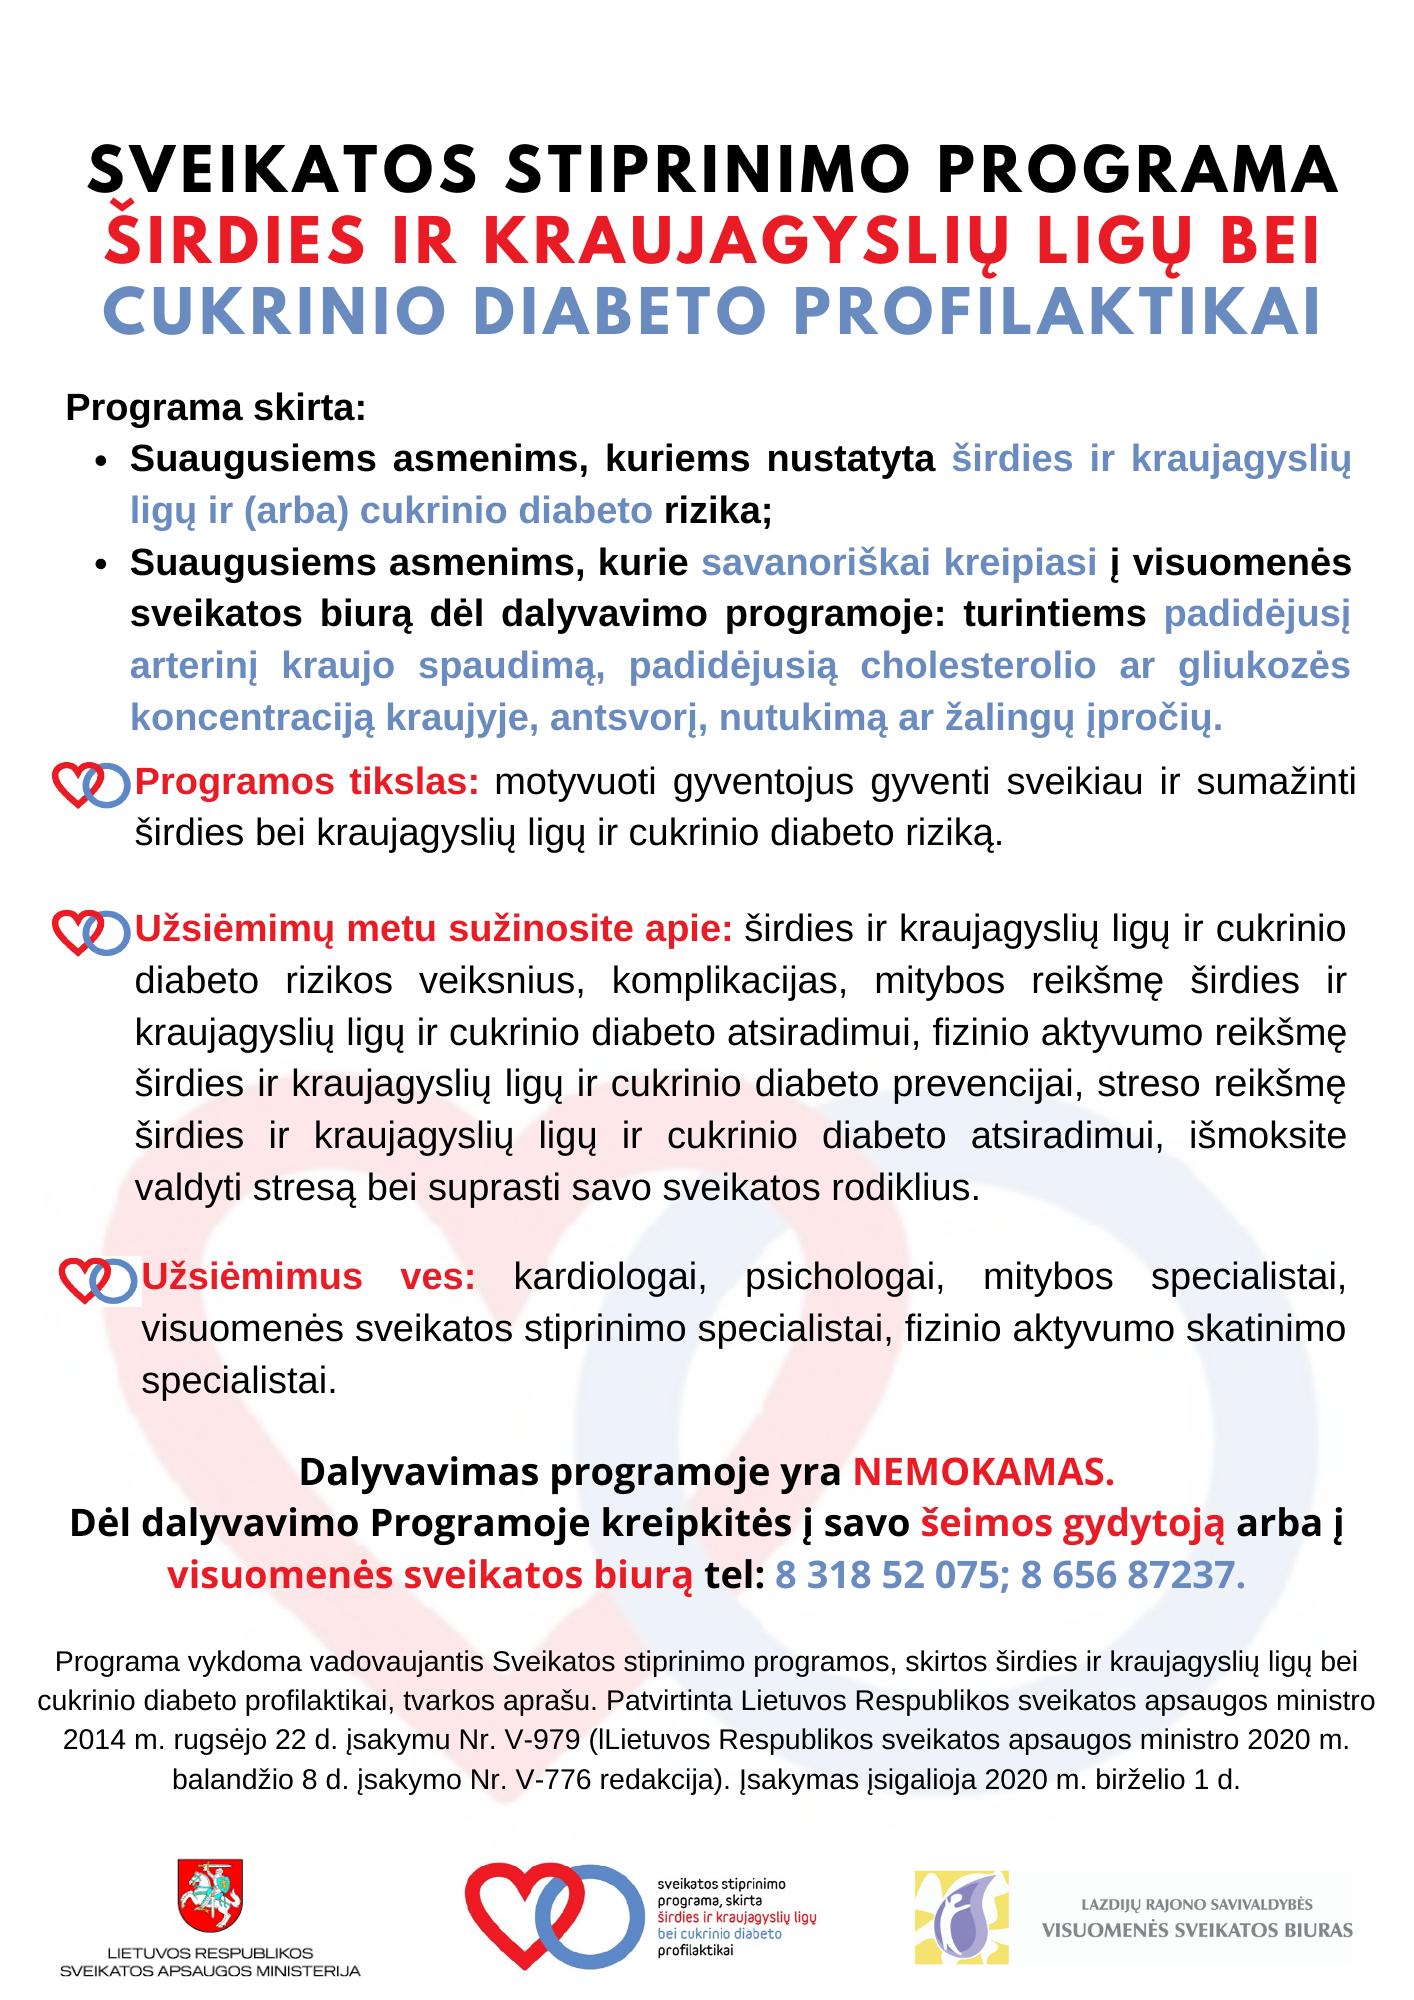 širdies ligų sveikatos stiprinimo programos